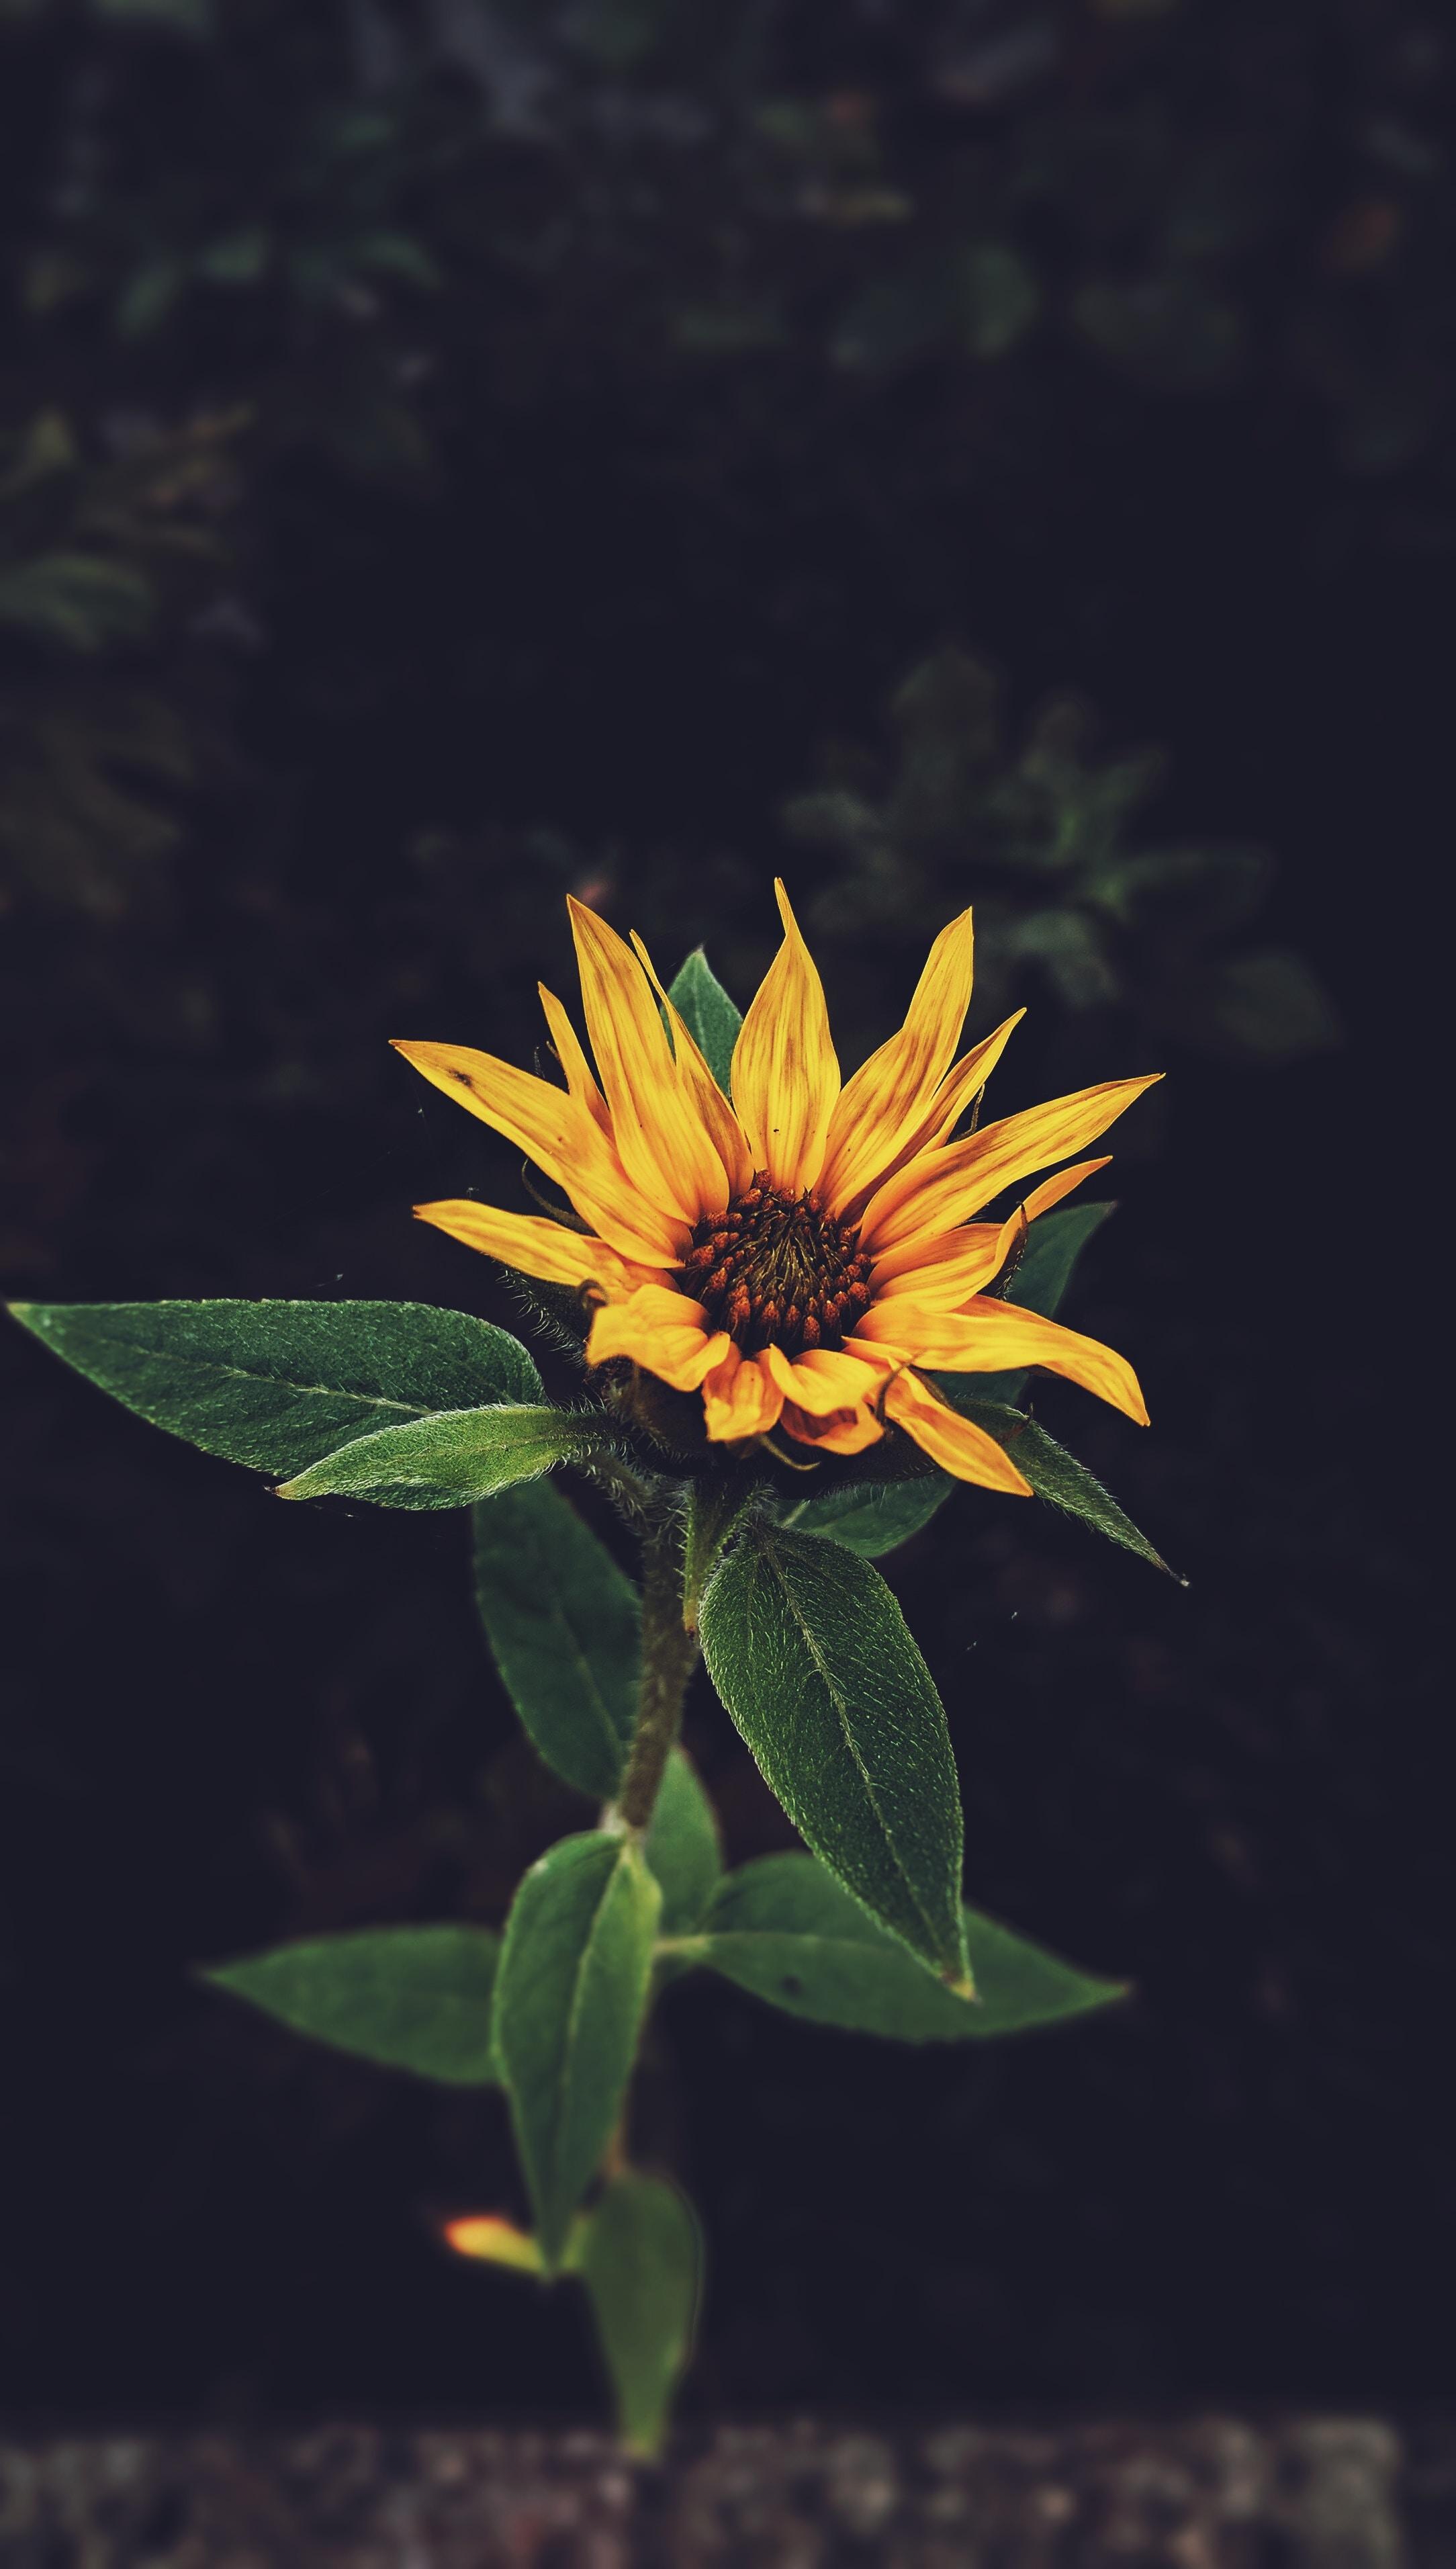 An overhead shot of a single yellow wild flower